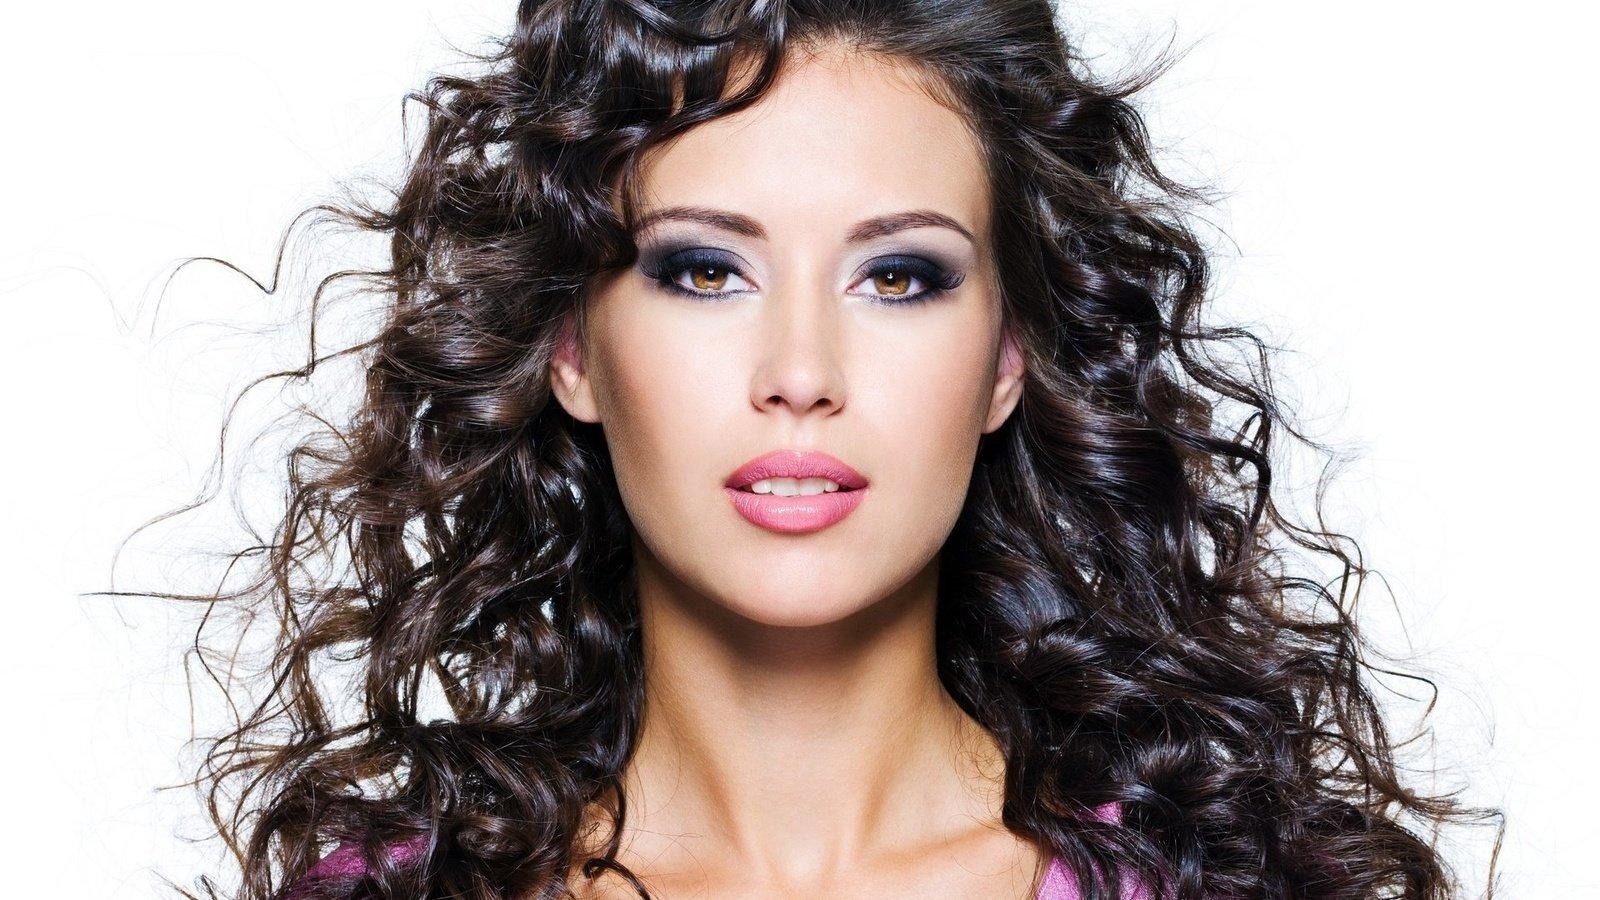 Как сделать мокрые кудри в домашних условиях: создаем эффект влажных волос 90